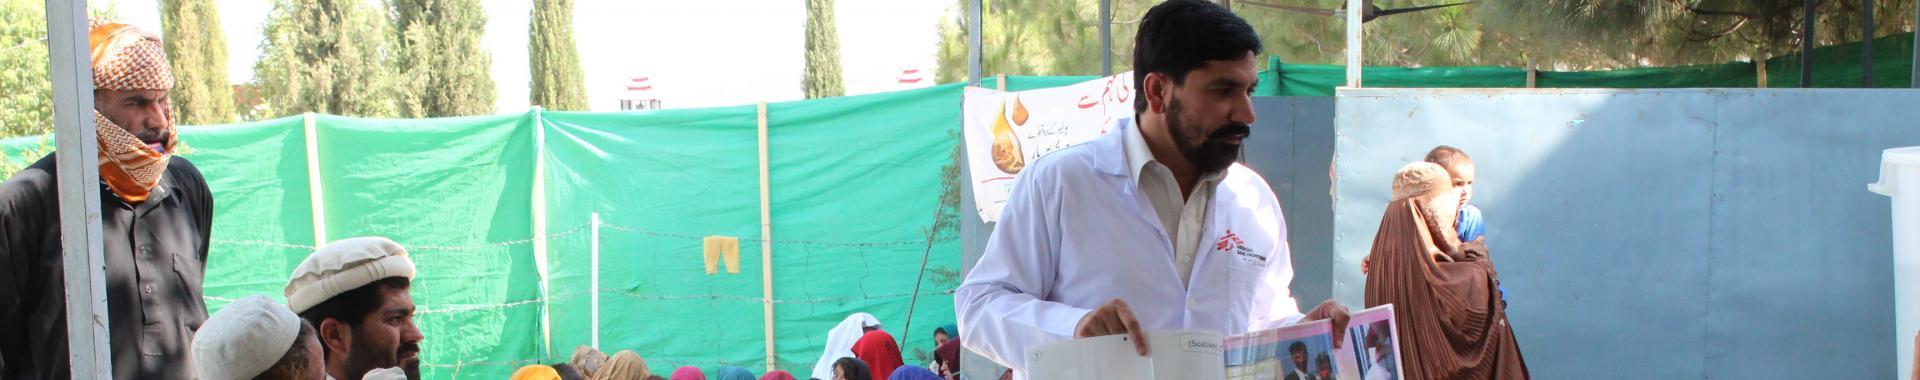 Autoridades pedem saída de MSF de Kurram